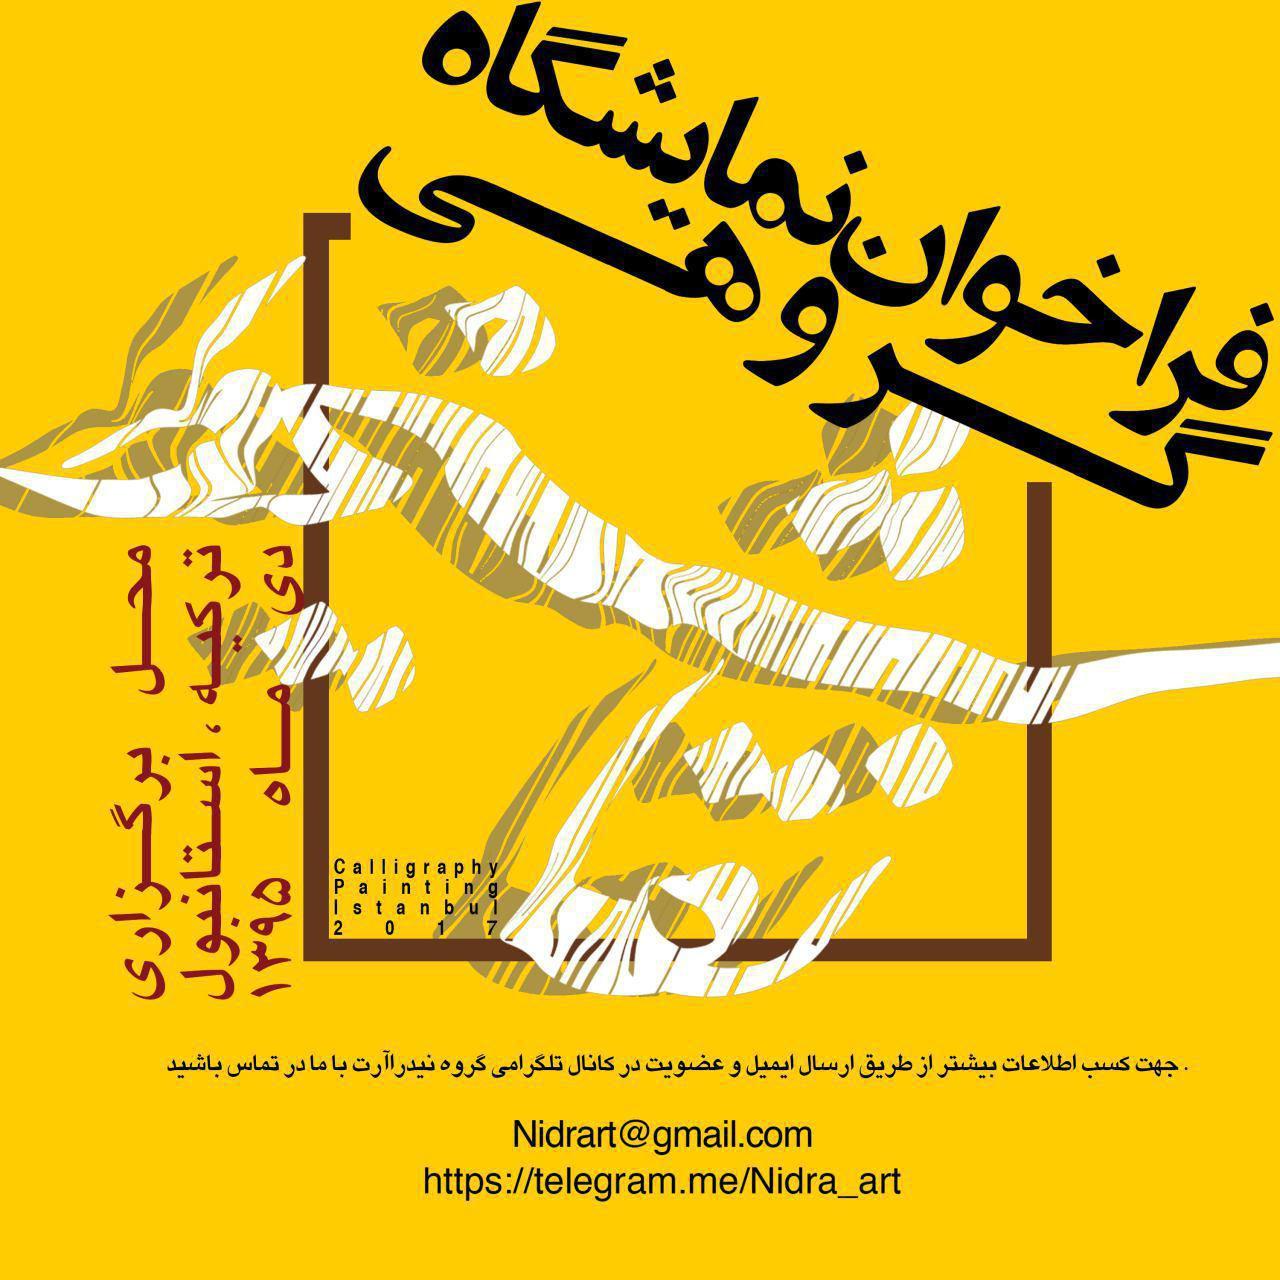 فراخوان نقاشیخط |نمایشگاه در استانبول